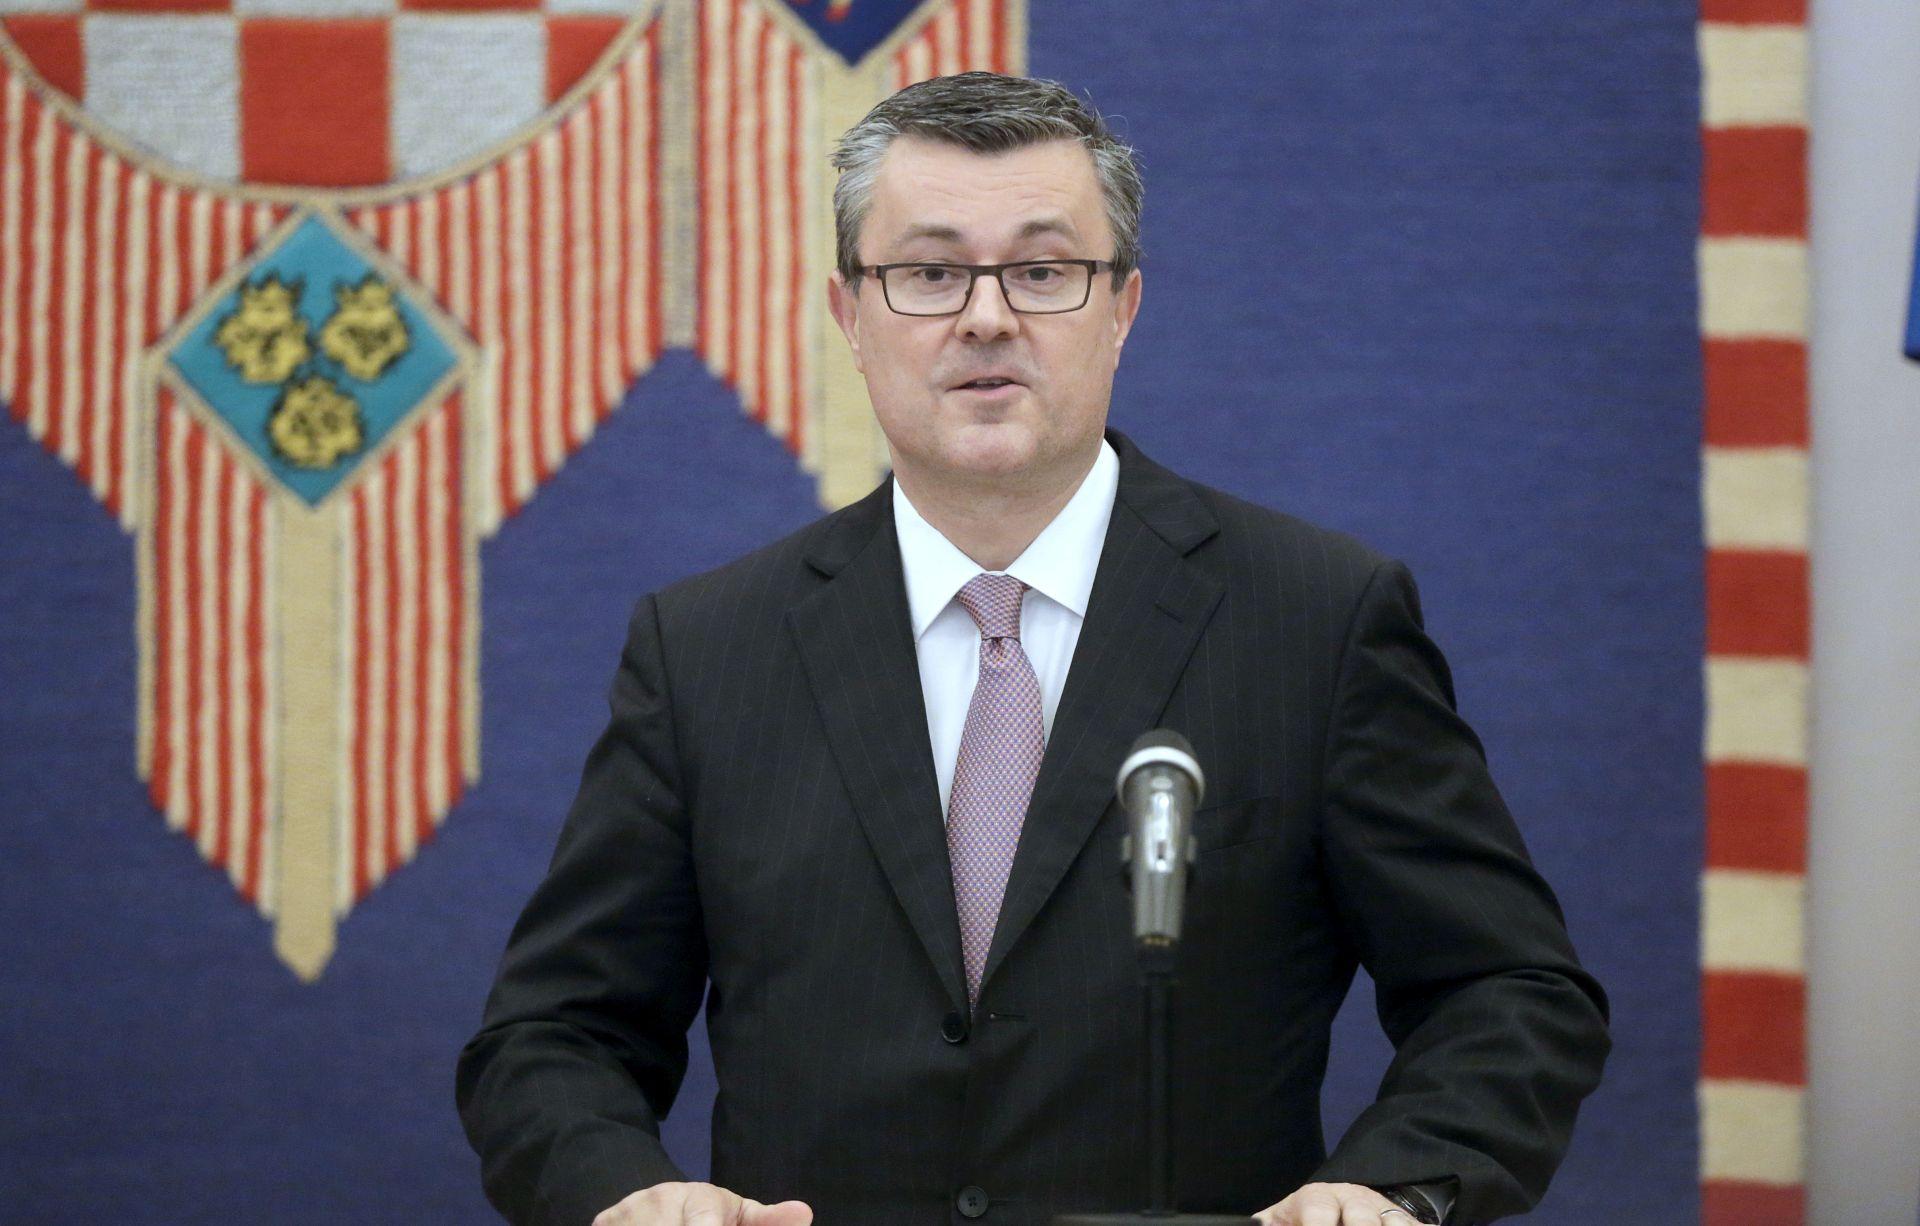 BUDUĆI PREMIJER: Svjetski mediji o novom mandataru Tihomiru Oreškoviću